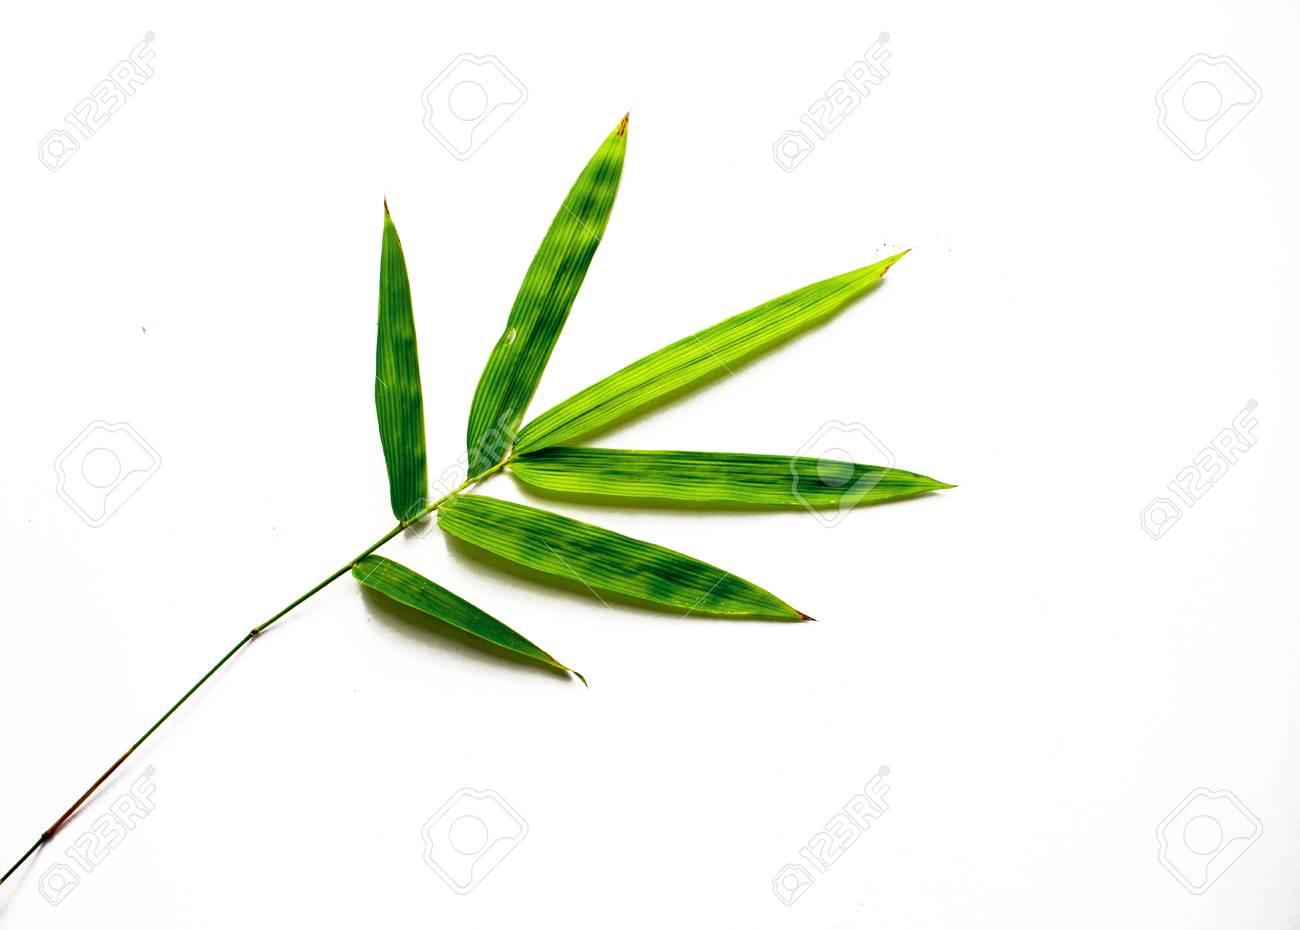 La Foglia Di Bamb.Foglia Di Bambu Verde Su Sfondo Bianco Singola Foglia Di Bambu Isolata Arredamento In Bambu Pianta Asiatica Sempreverde Arredamento Floreale